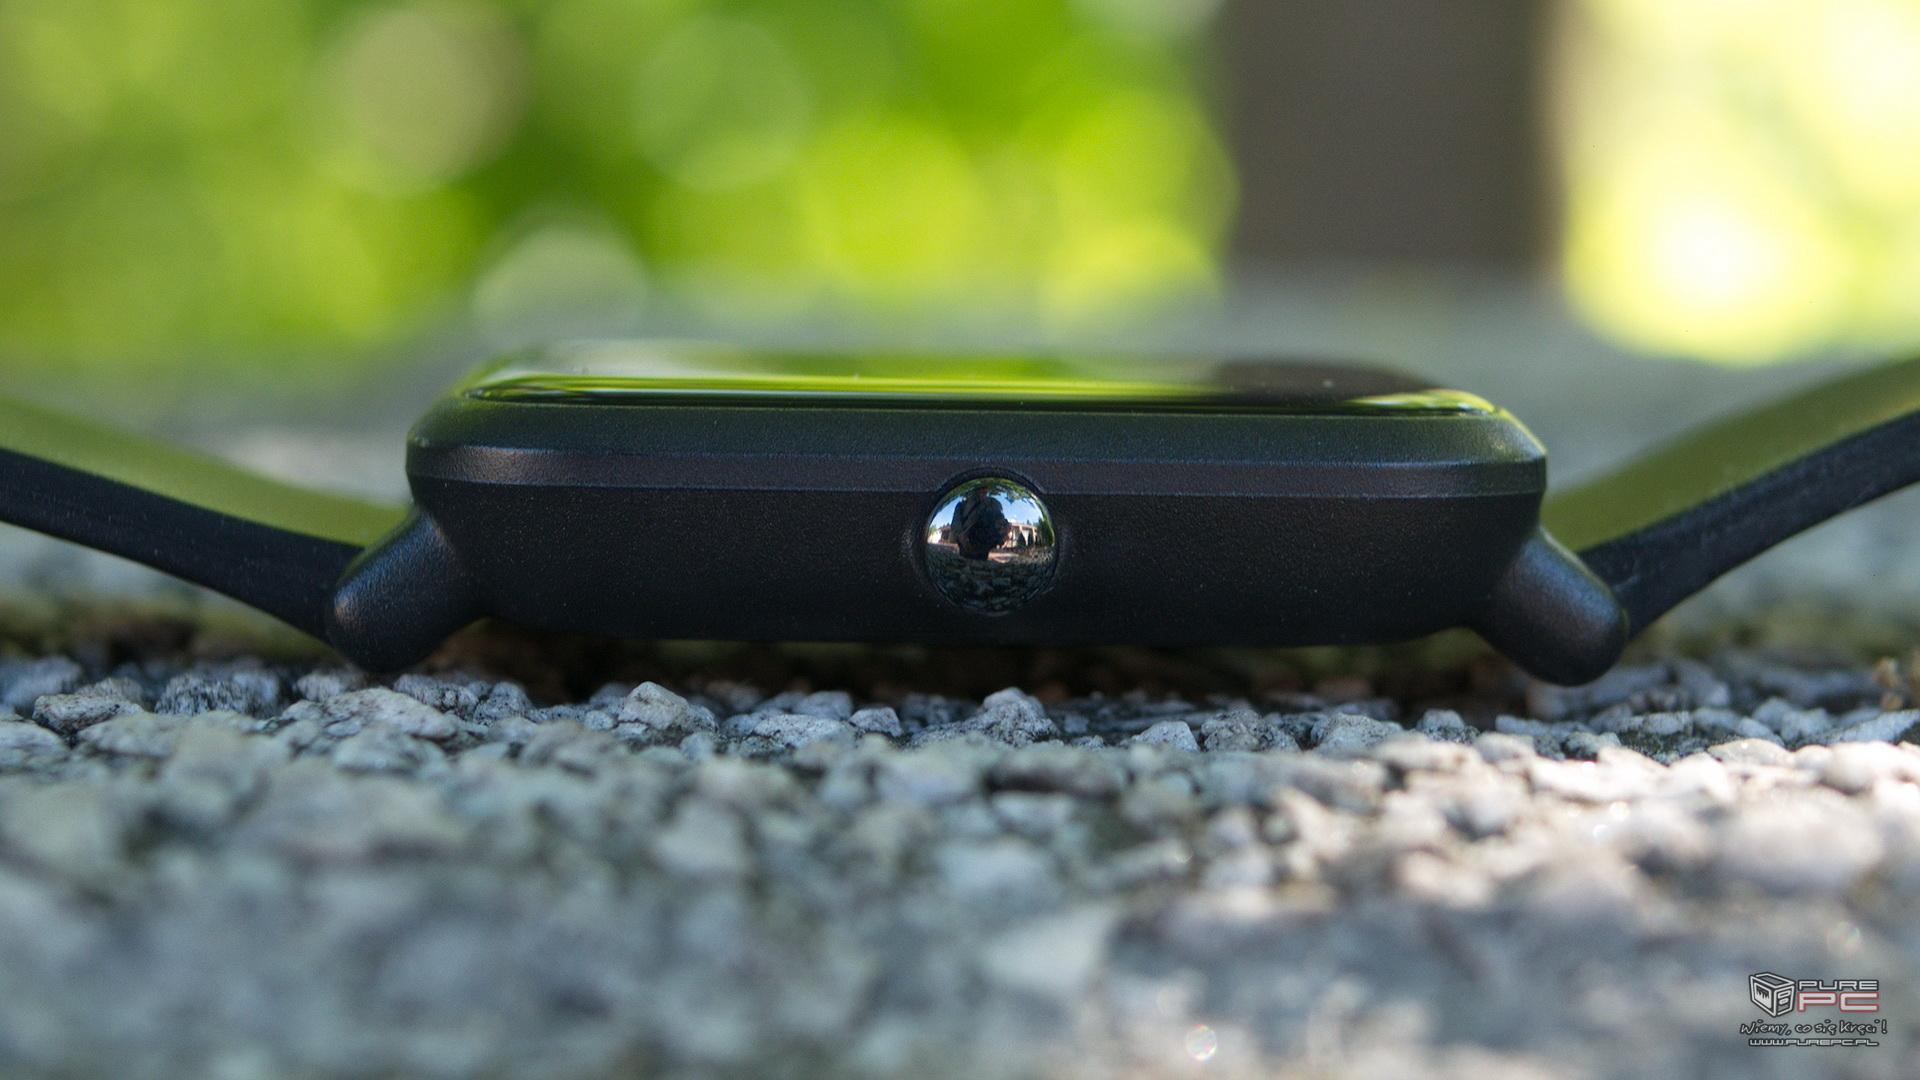 Xiaomi Amazfit Bip smartwatch kt³ry ma sens [nc2]